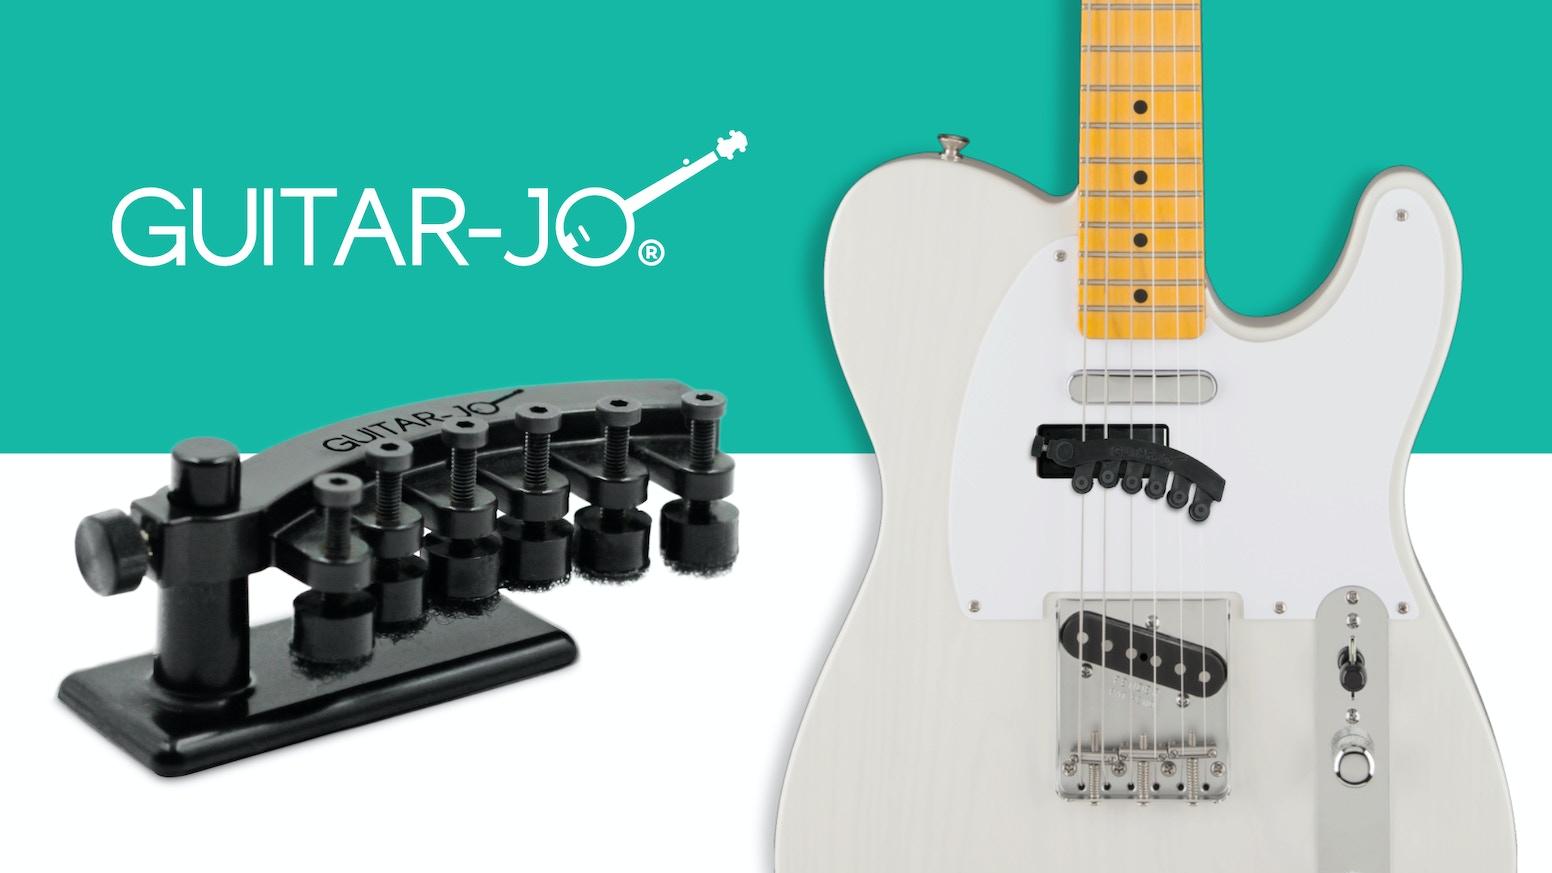 guitar jo 2 0 make your electric guitar sound like a banjo by jon langberg kickstarter. Black Bedroom Furniture Sets. Home Design Ideas